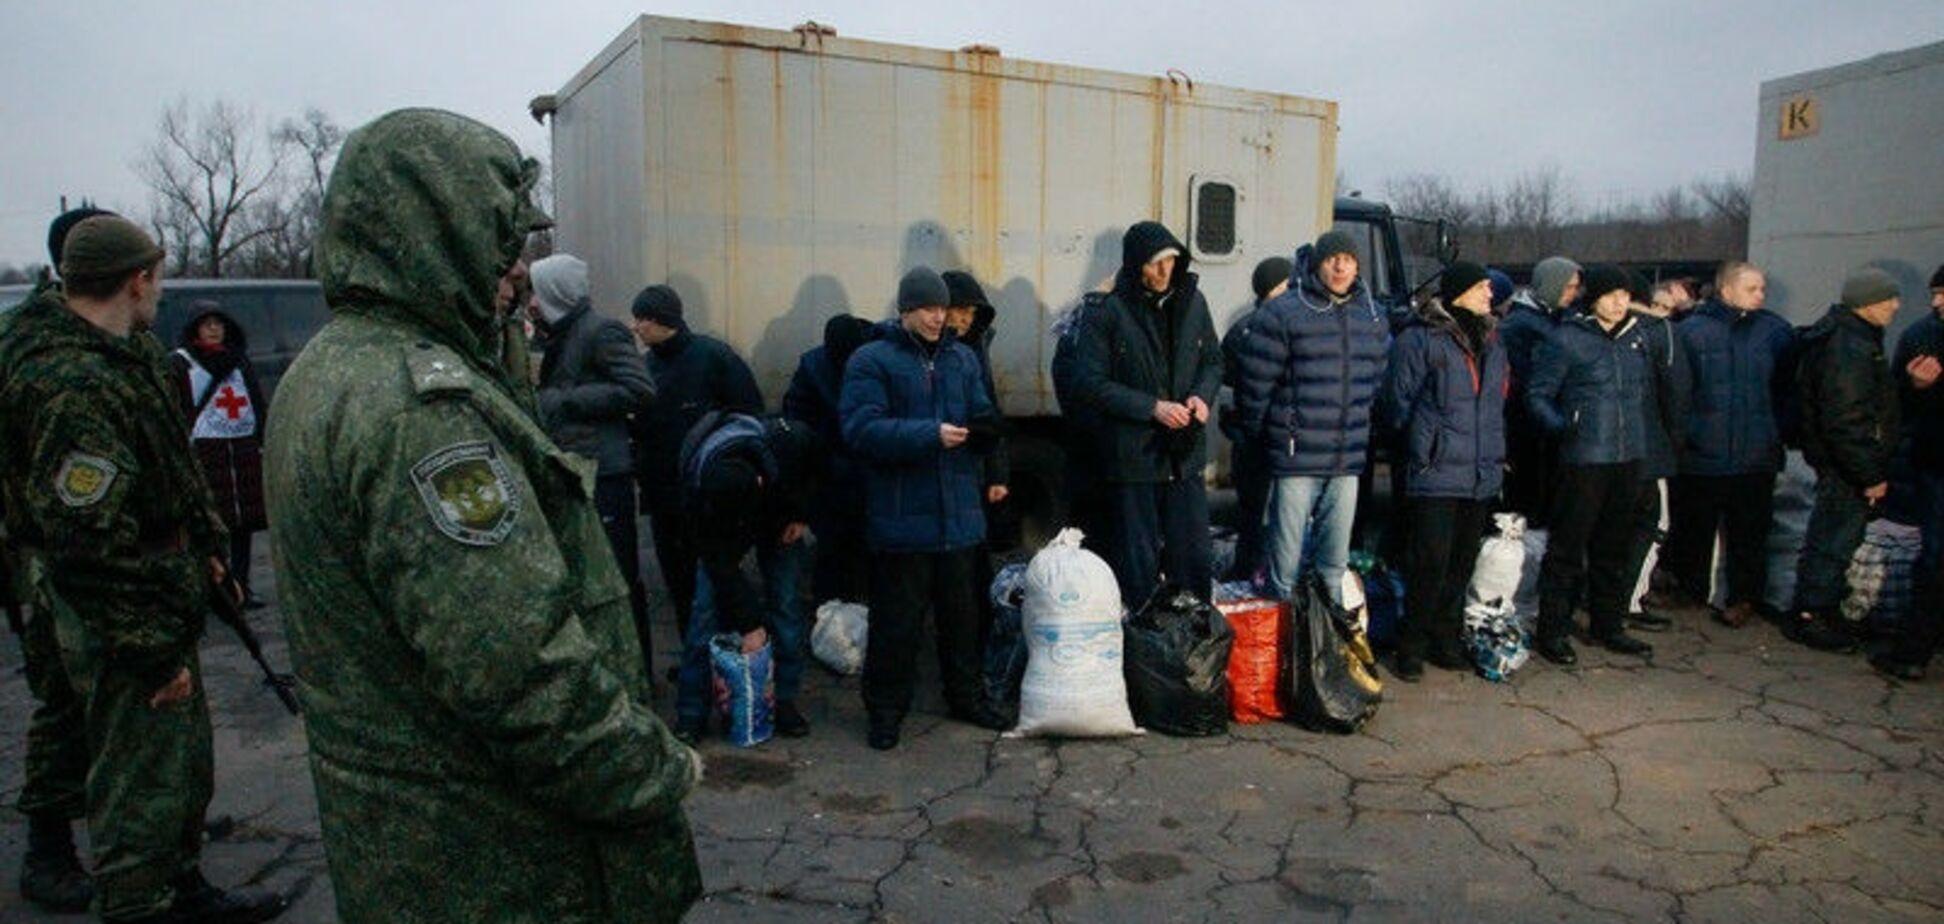 'В колонию их!' Экс-пленный 'ДНР' выступил с резонансной идеей по Донбассу